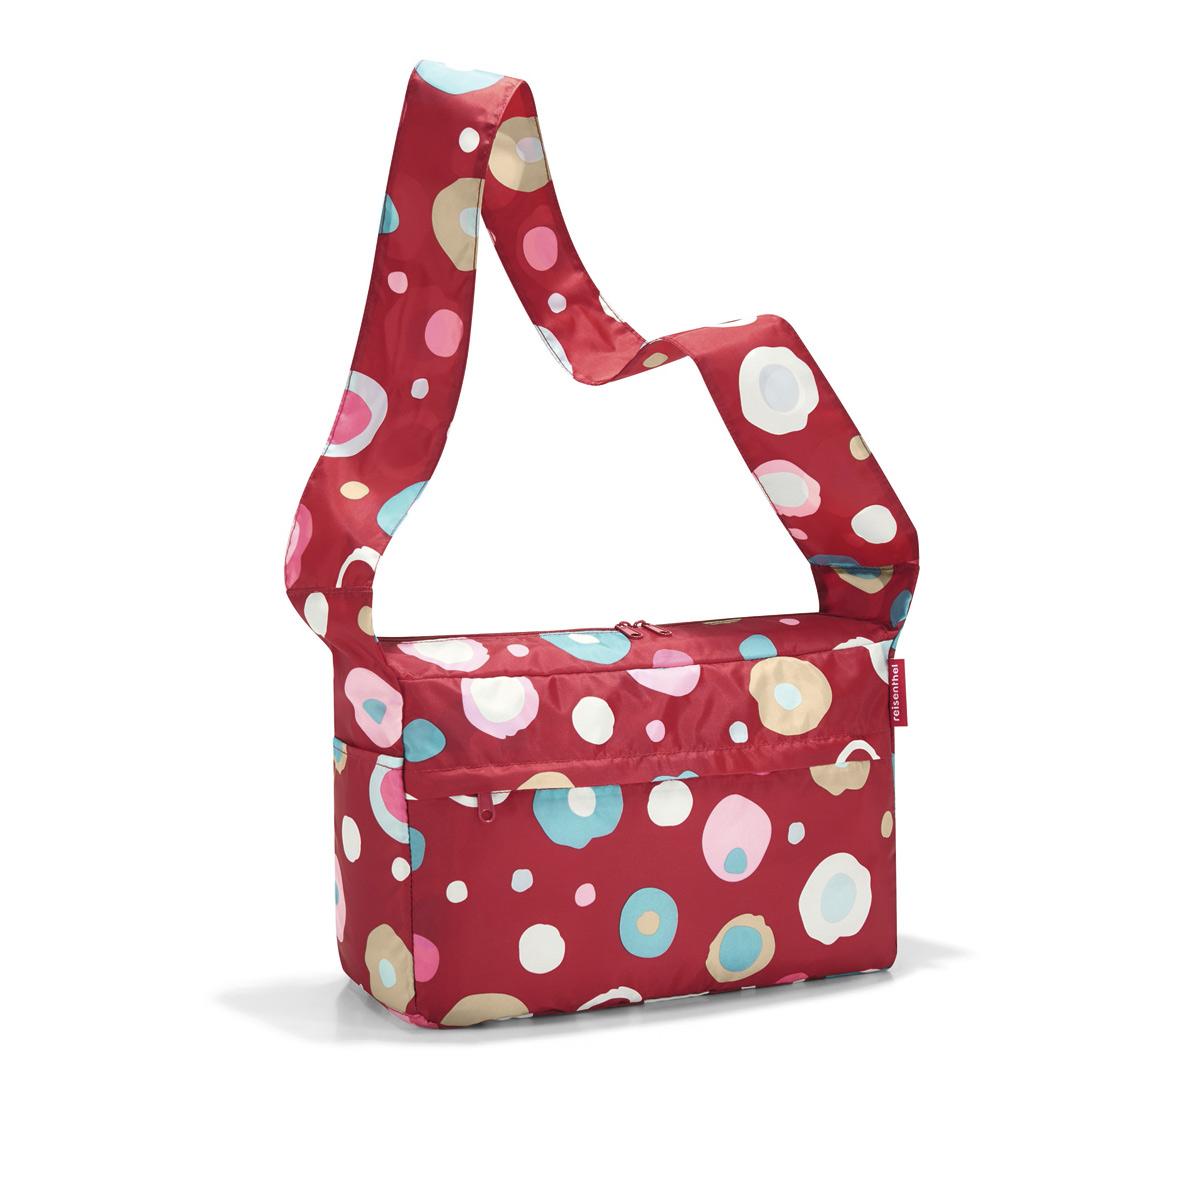 Сумка женская Reisenthel, складная, цвет: темно-красный, голубой, розовый. AL3048S76245Стильная женская сумка Reisenthel изготовлена из текстиля с оригинальным принтом. Сумка имеет одно отделение, которое закрывается на застежку-молнию с двумя бегунками. Внутри имеется нашивной карман на застежке-молнии, в который сумка складывается и приобретает компактный вид. Снаружи, на передней стенке расположен накладной карман на застежке-молнии, по бокам - открытые накладные карманы. Изделие оснащено удобным плечевым ремнем.